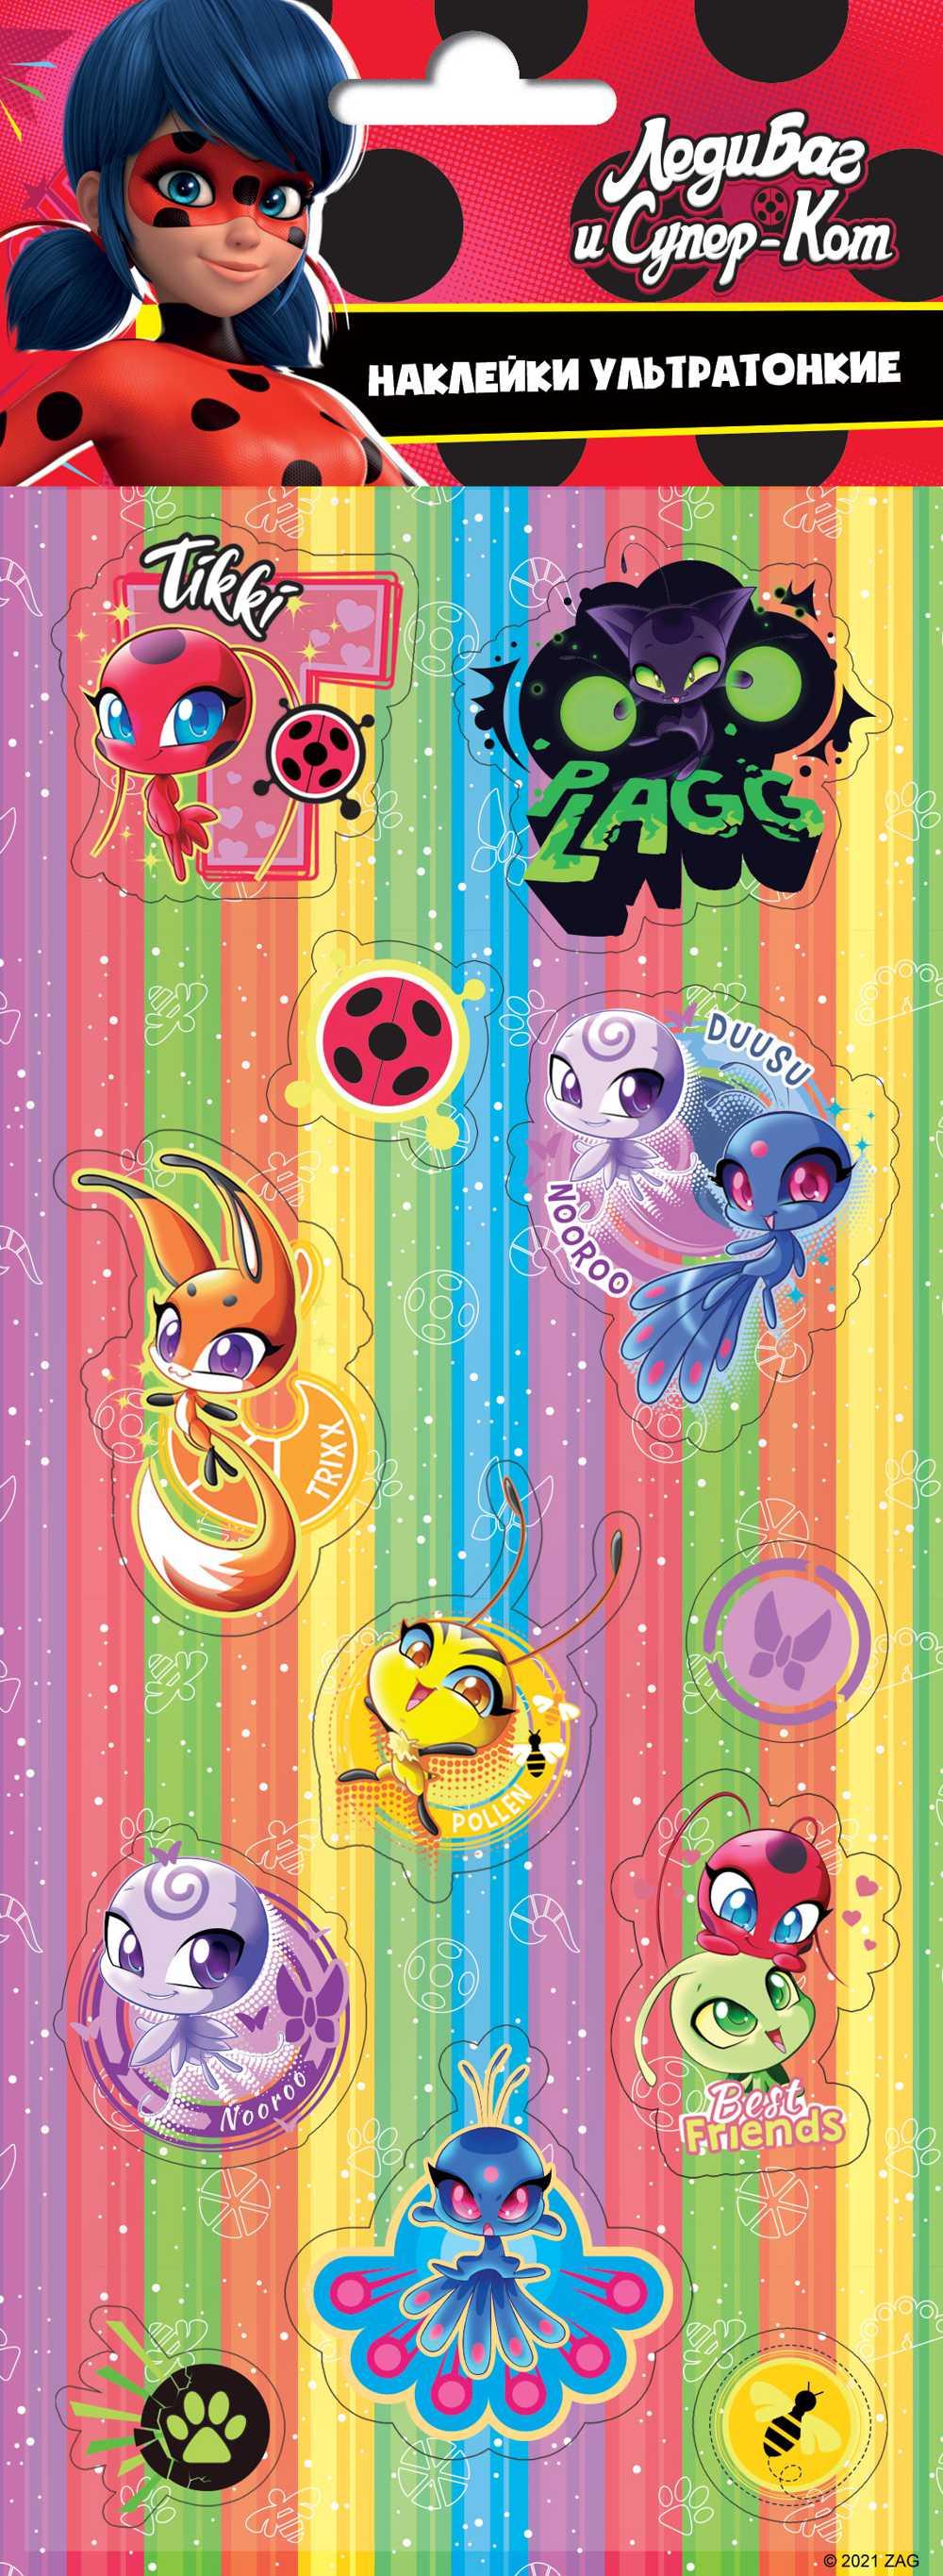 Набор наклеек Леди Баг и Супер-Кот Дизайн 4 Плёночные логунова е леди баг и супер кот раскраска с развивающими заданиями 16 цветных наклеек